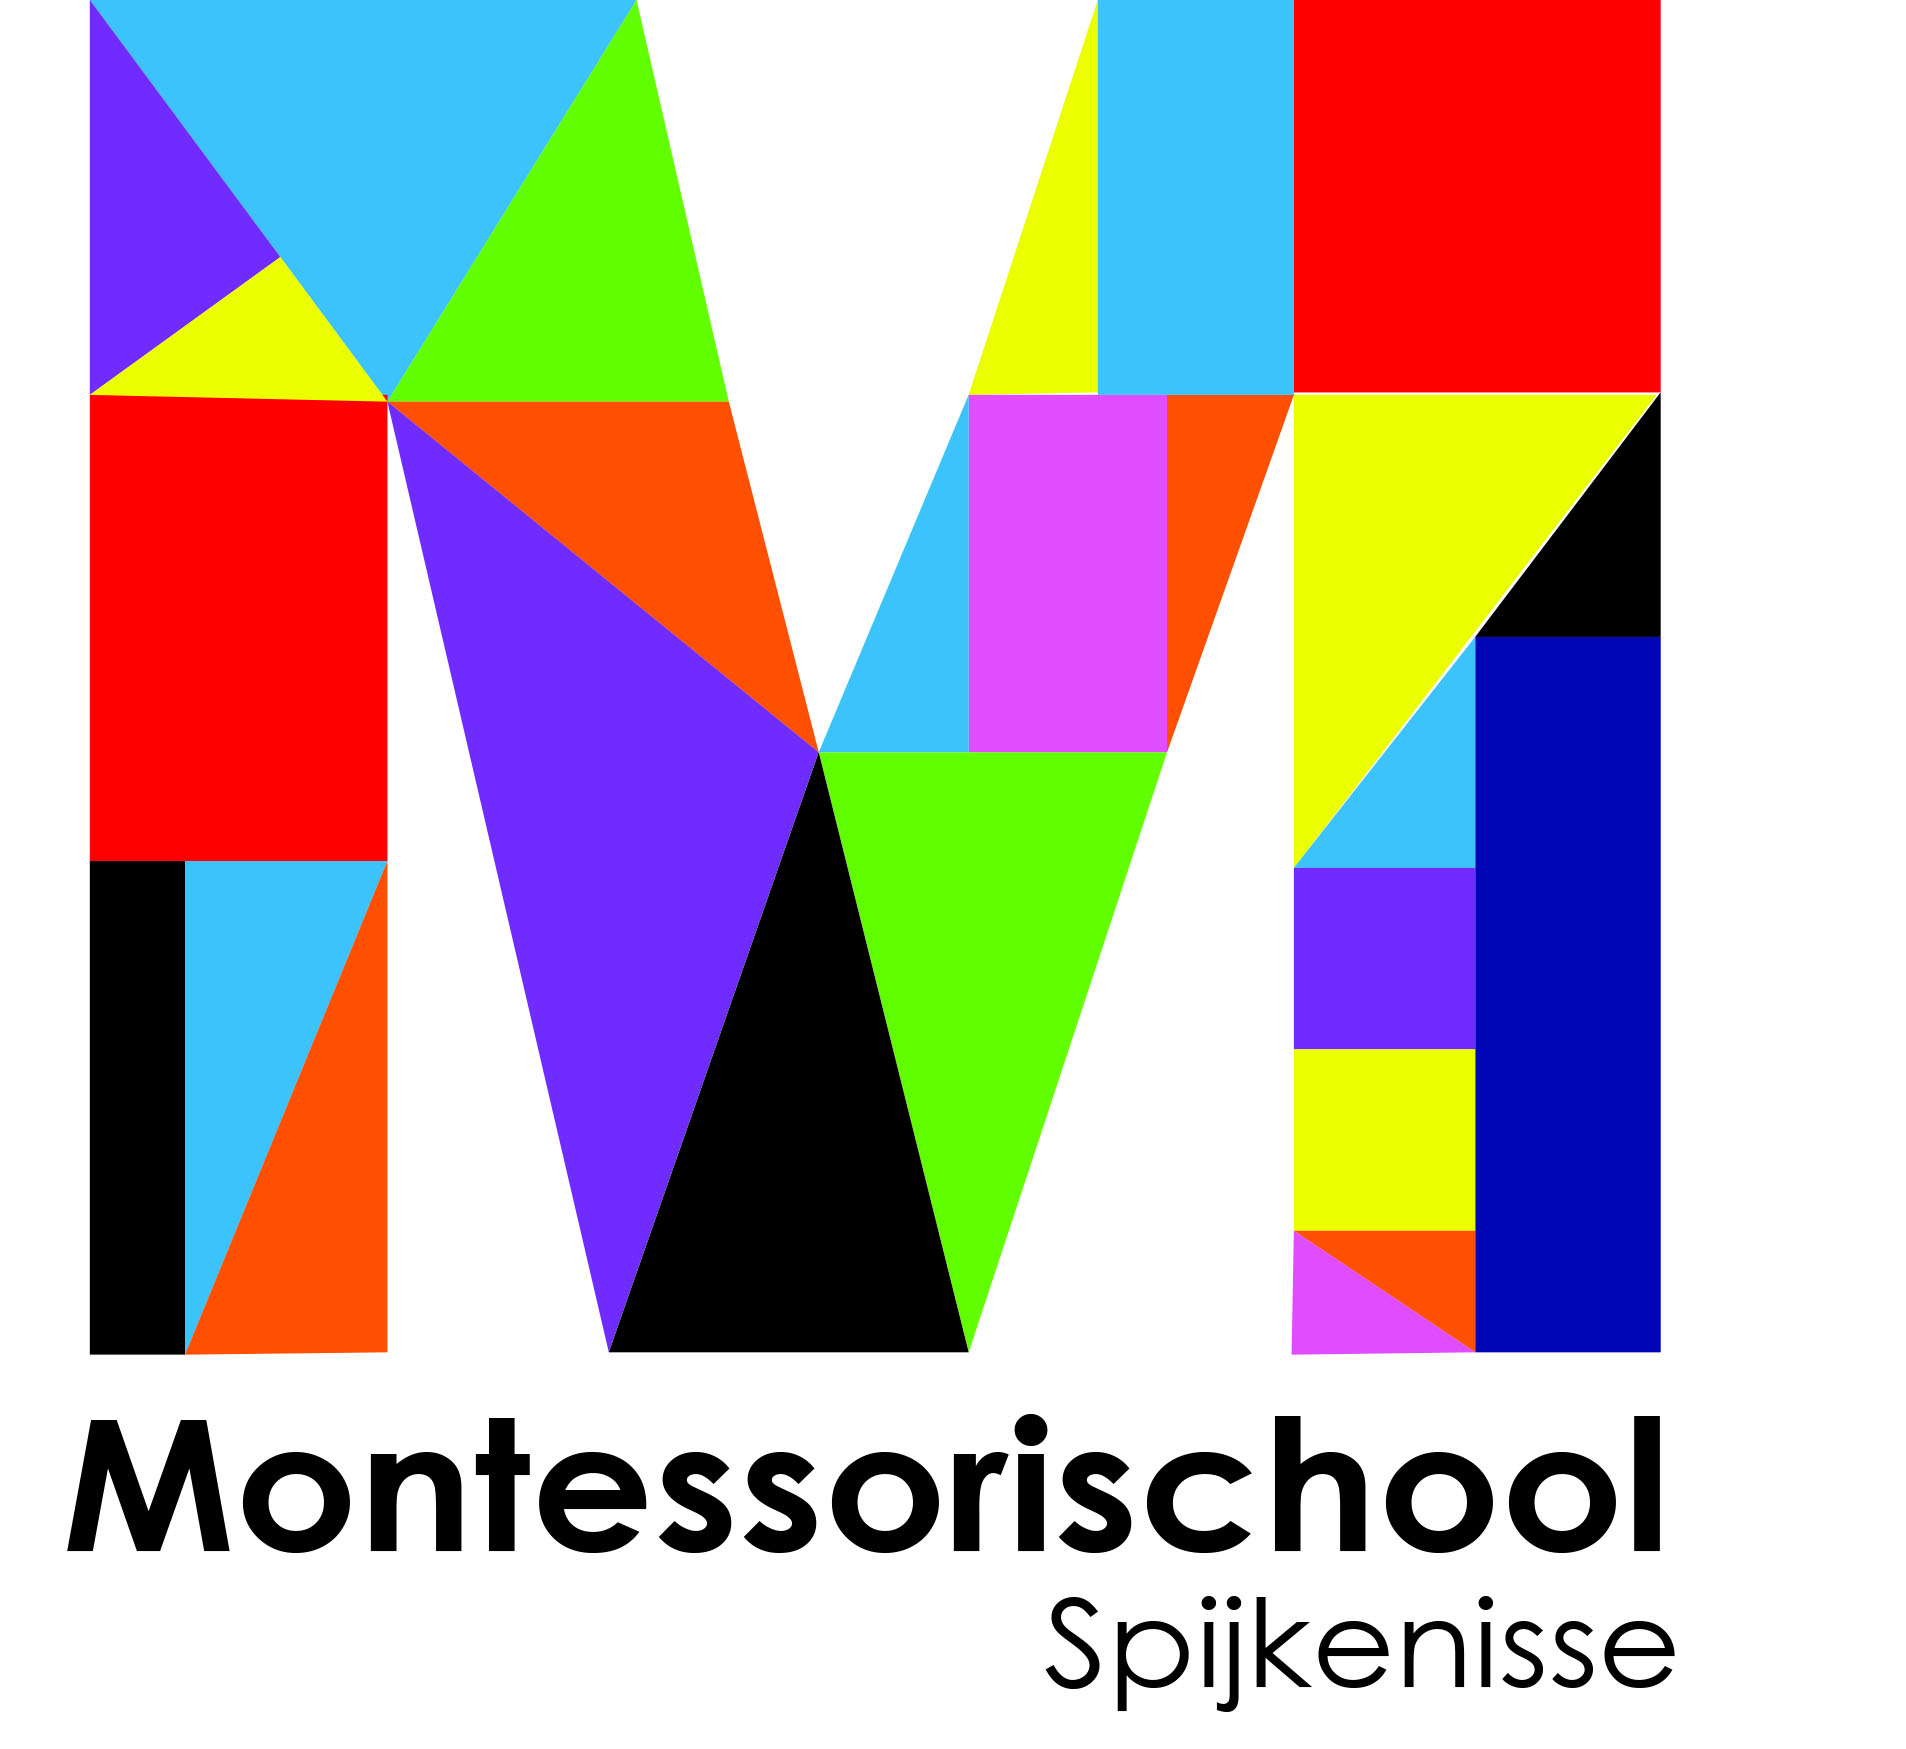 Montessorischool Spijkenisse